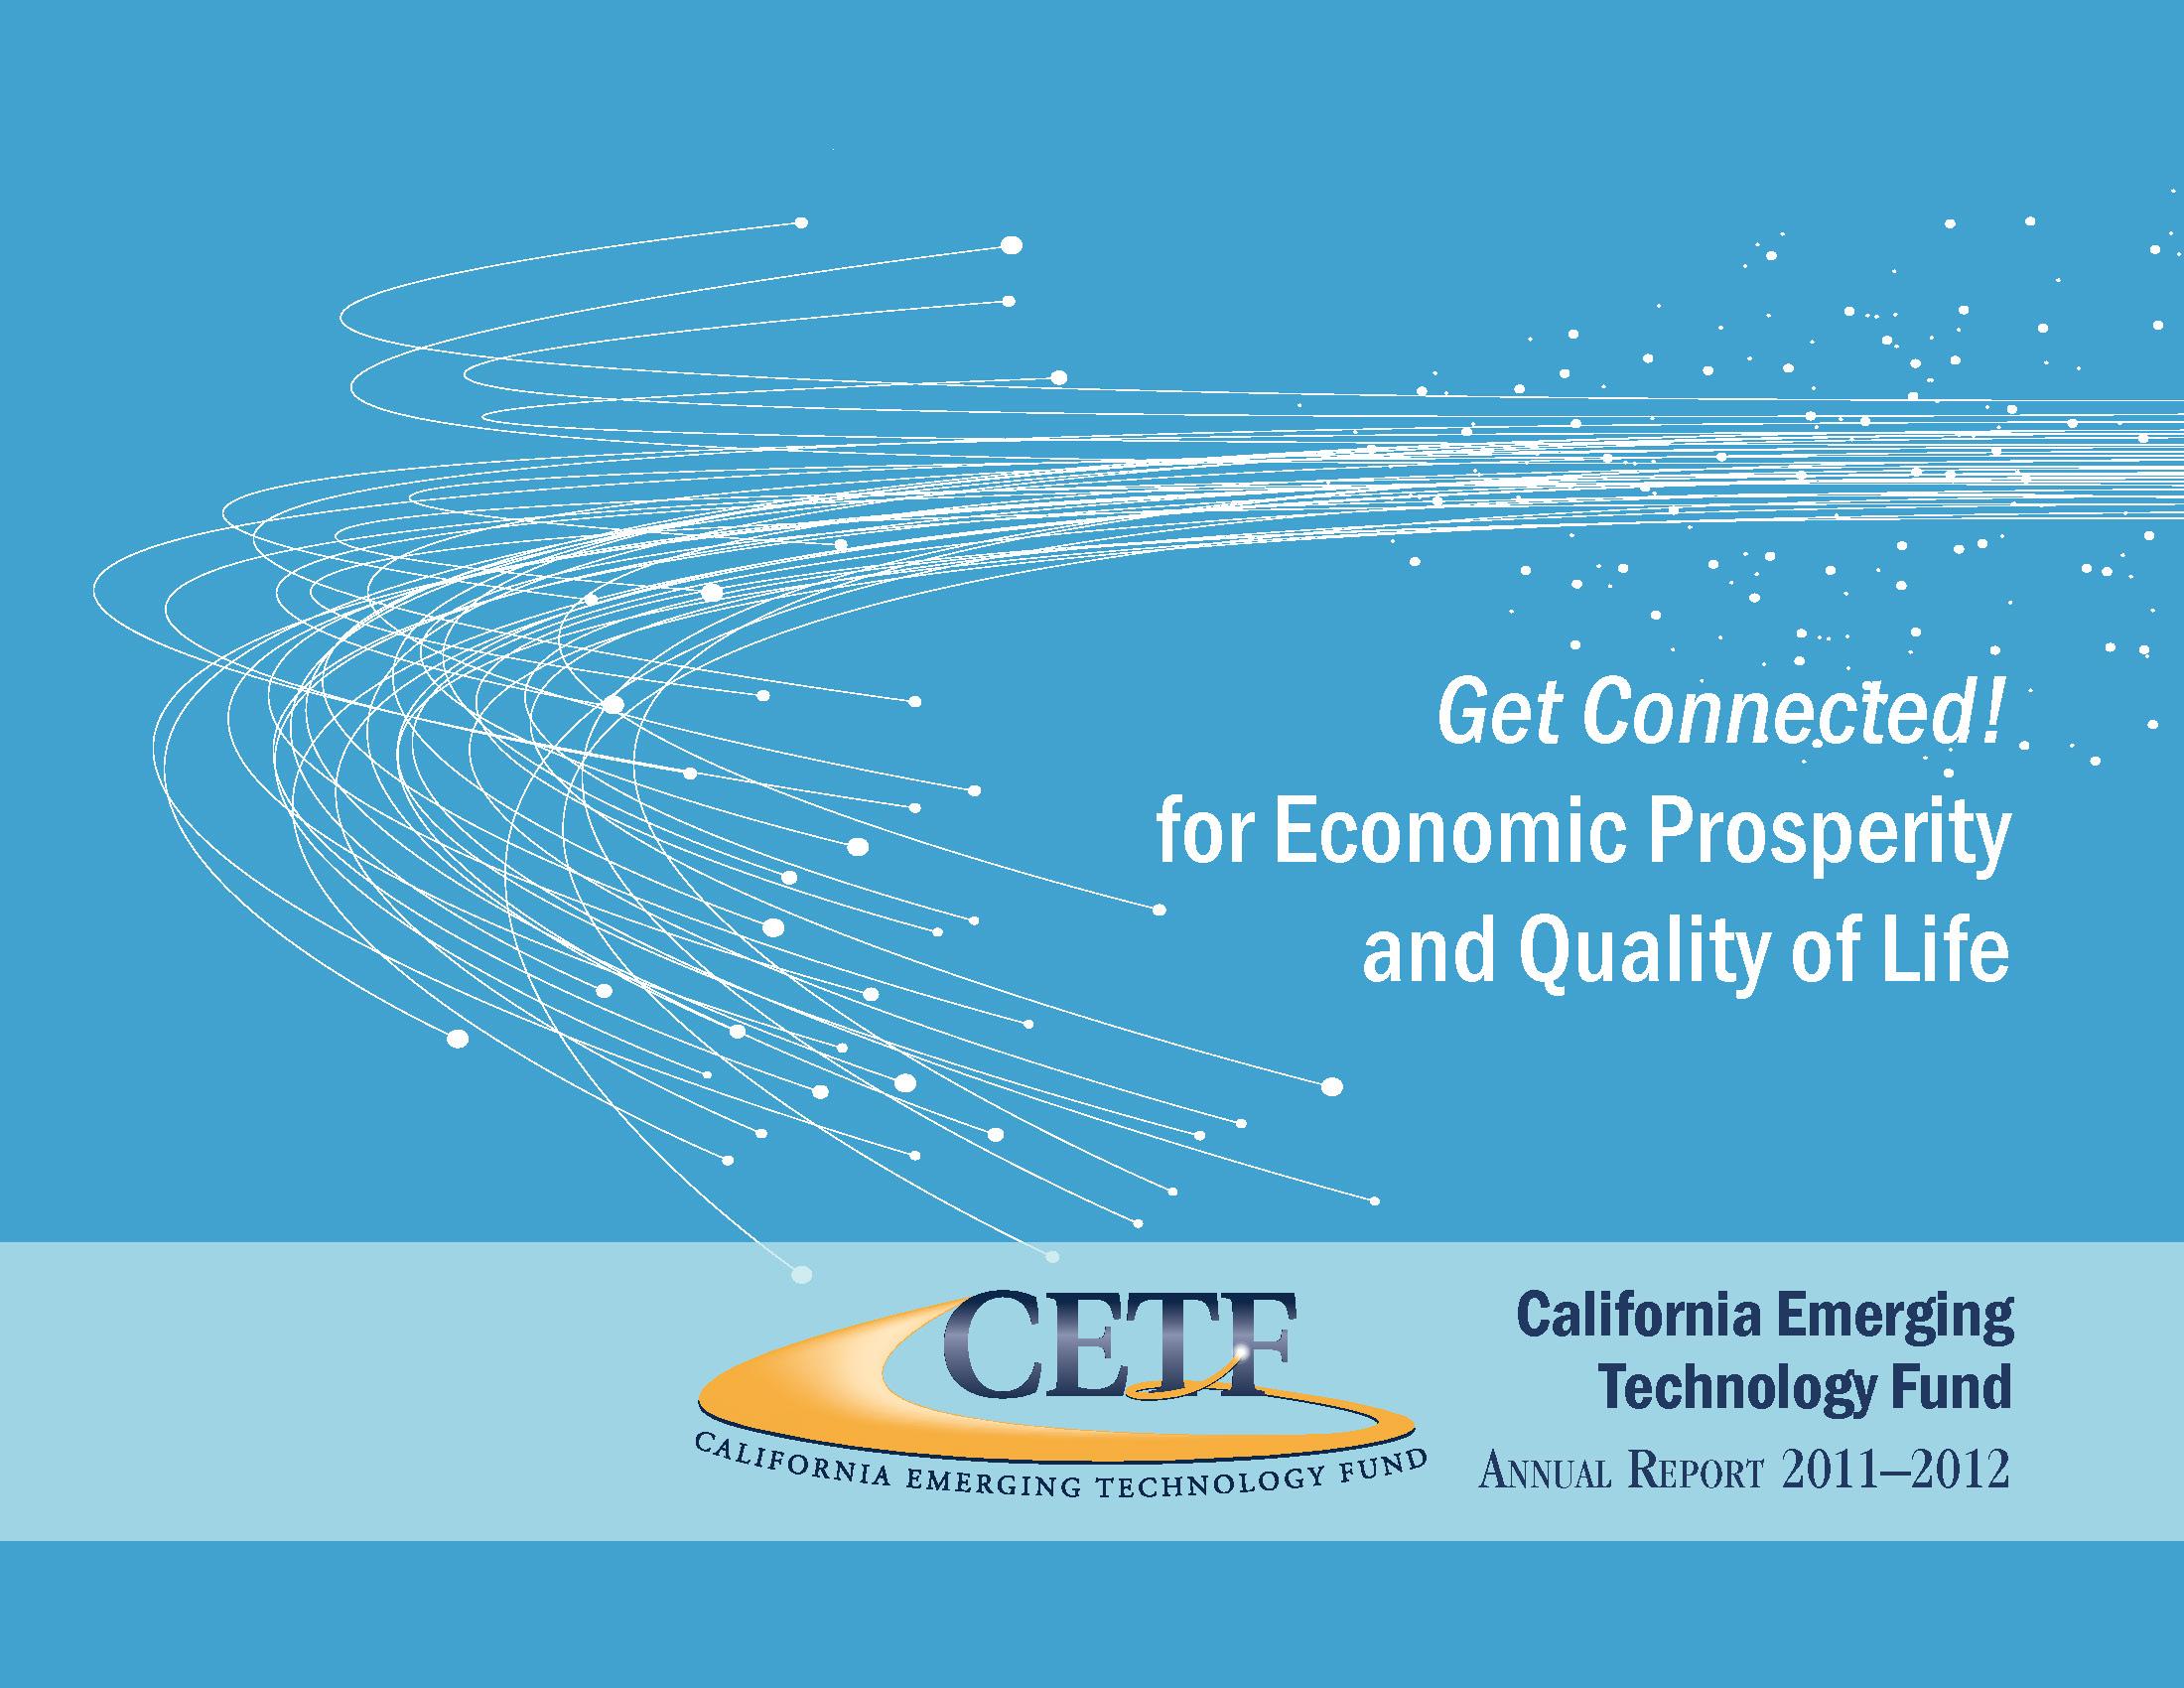 CETF Annual Report 2011-2012